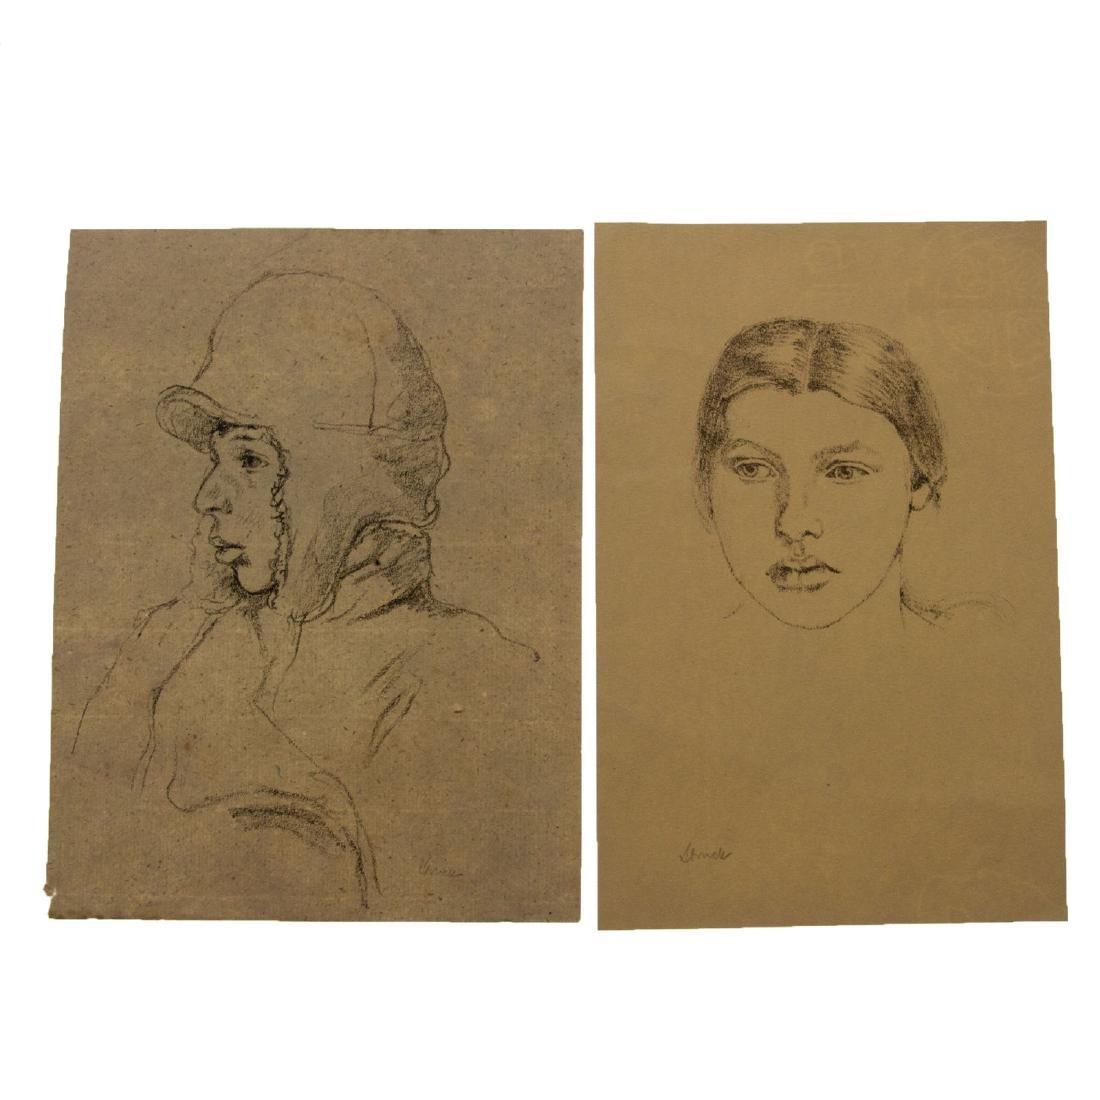 Hermann Struck (1876-1944) - Ten Figures Lithographs.